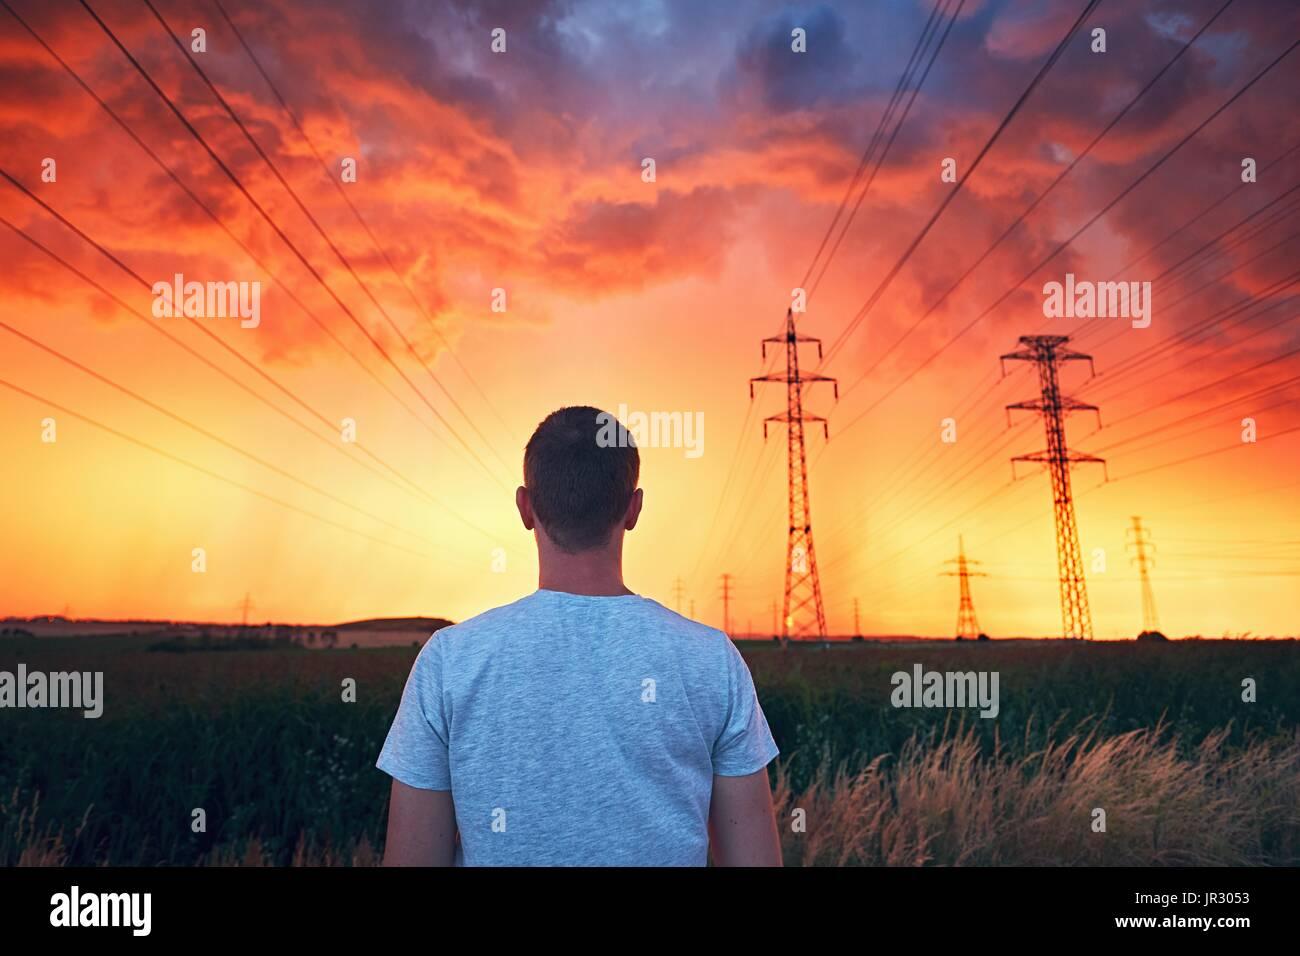 Das Wetter ist gefährlich. Einsamer Mann in atemberaubenden Sturm während der farbenprächtigen Sonnenuntergang. Stockbild